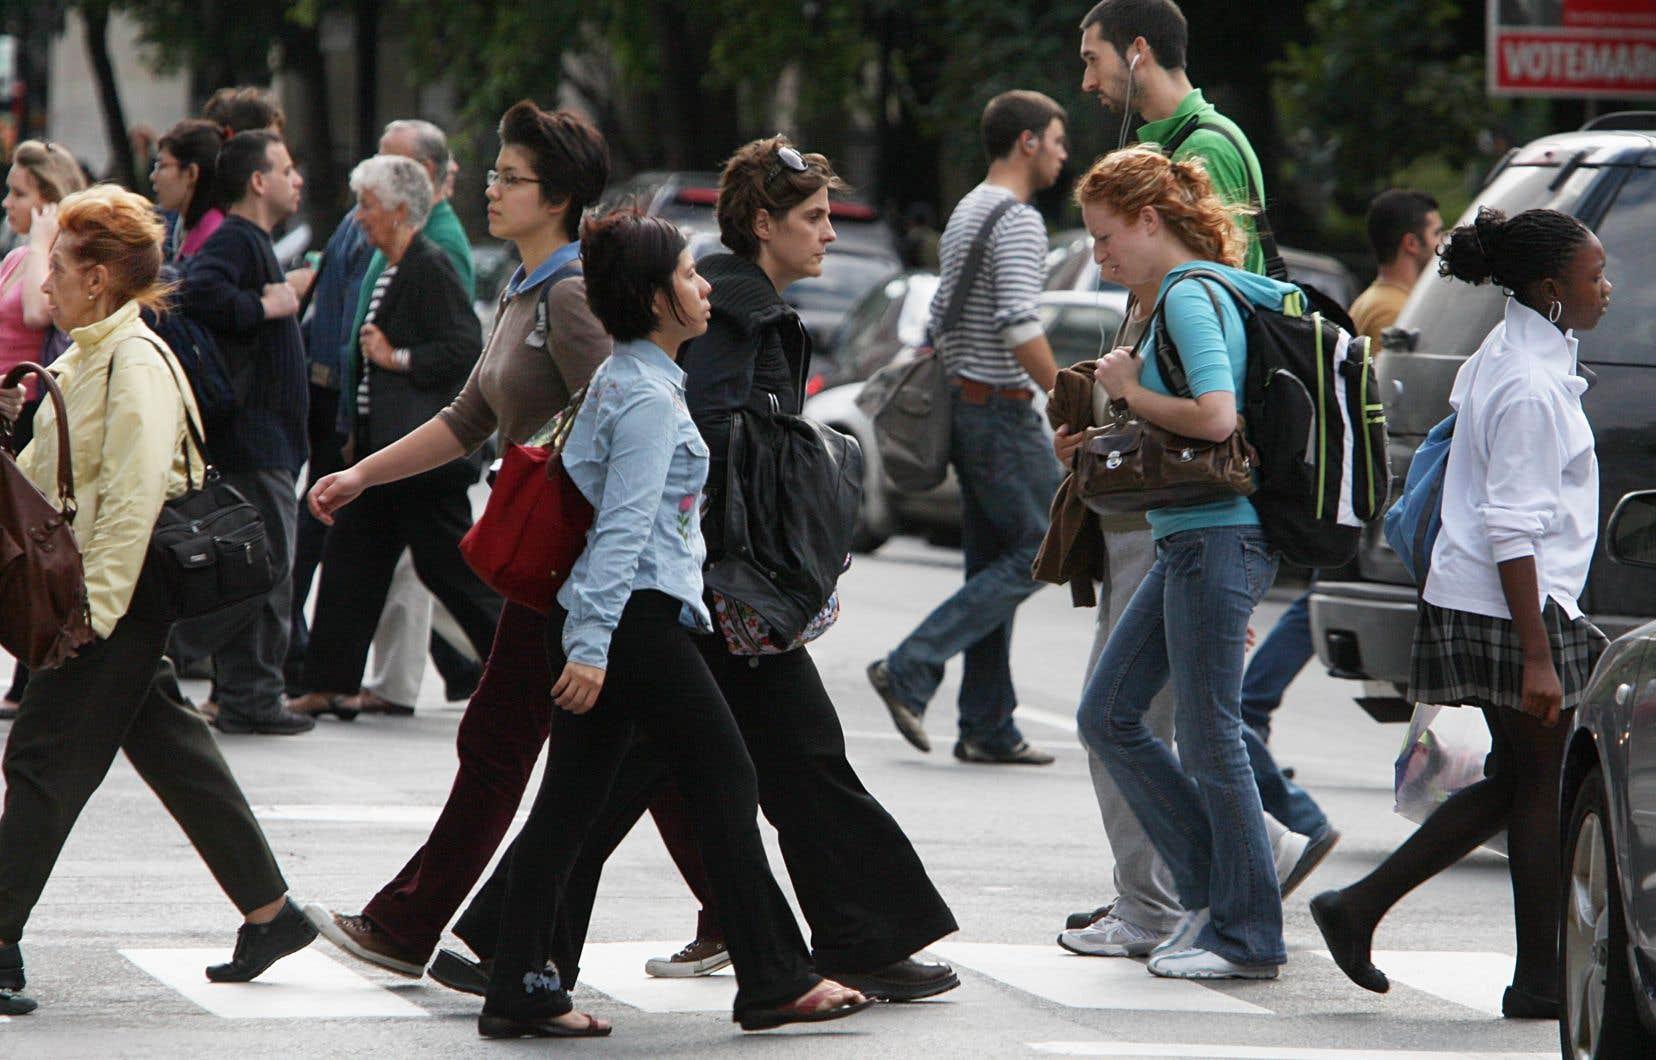 «L'adoption d'une Loi sur l'interculturalisme permettrait d'officialiser ce modèle sociopolitique de reconnaissance de la diversité et d'intégration en français des personnes immigrantes», estime l'auteur.